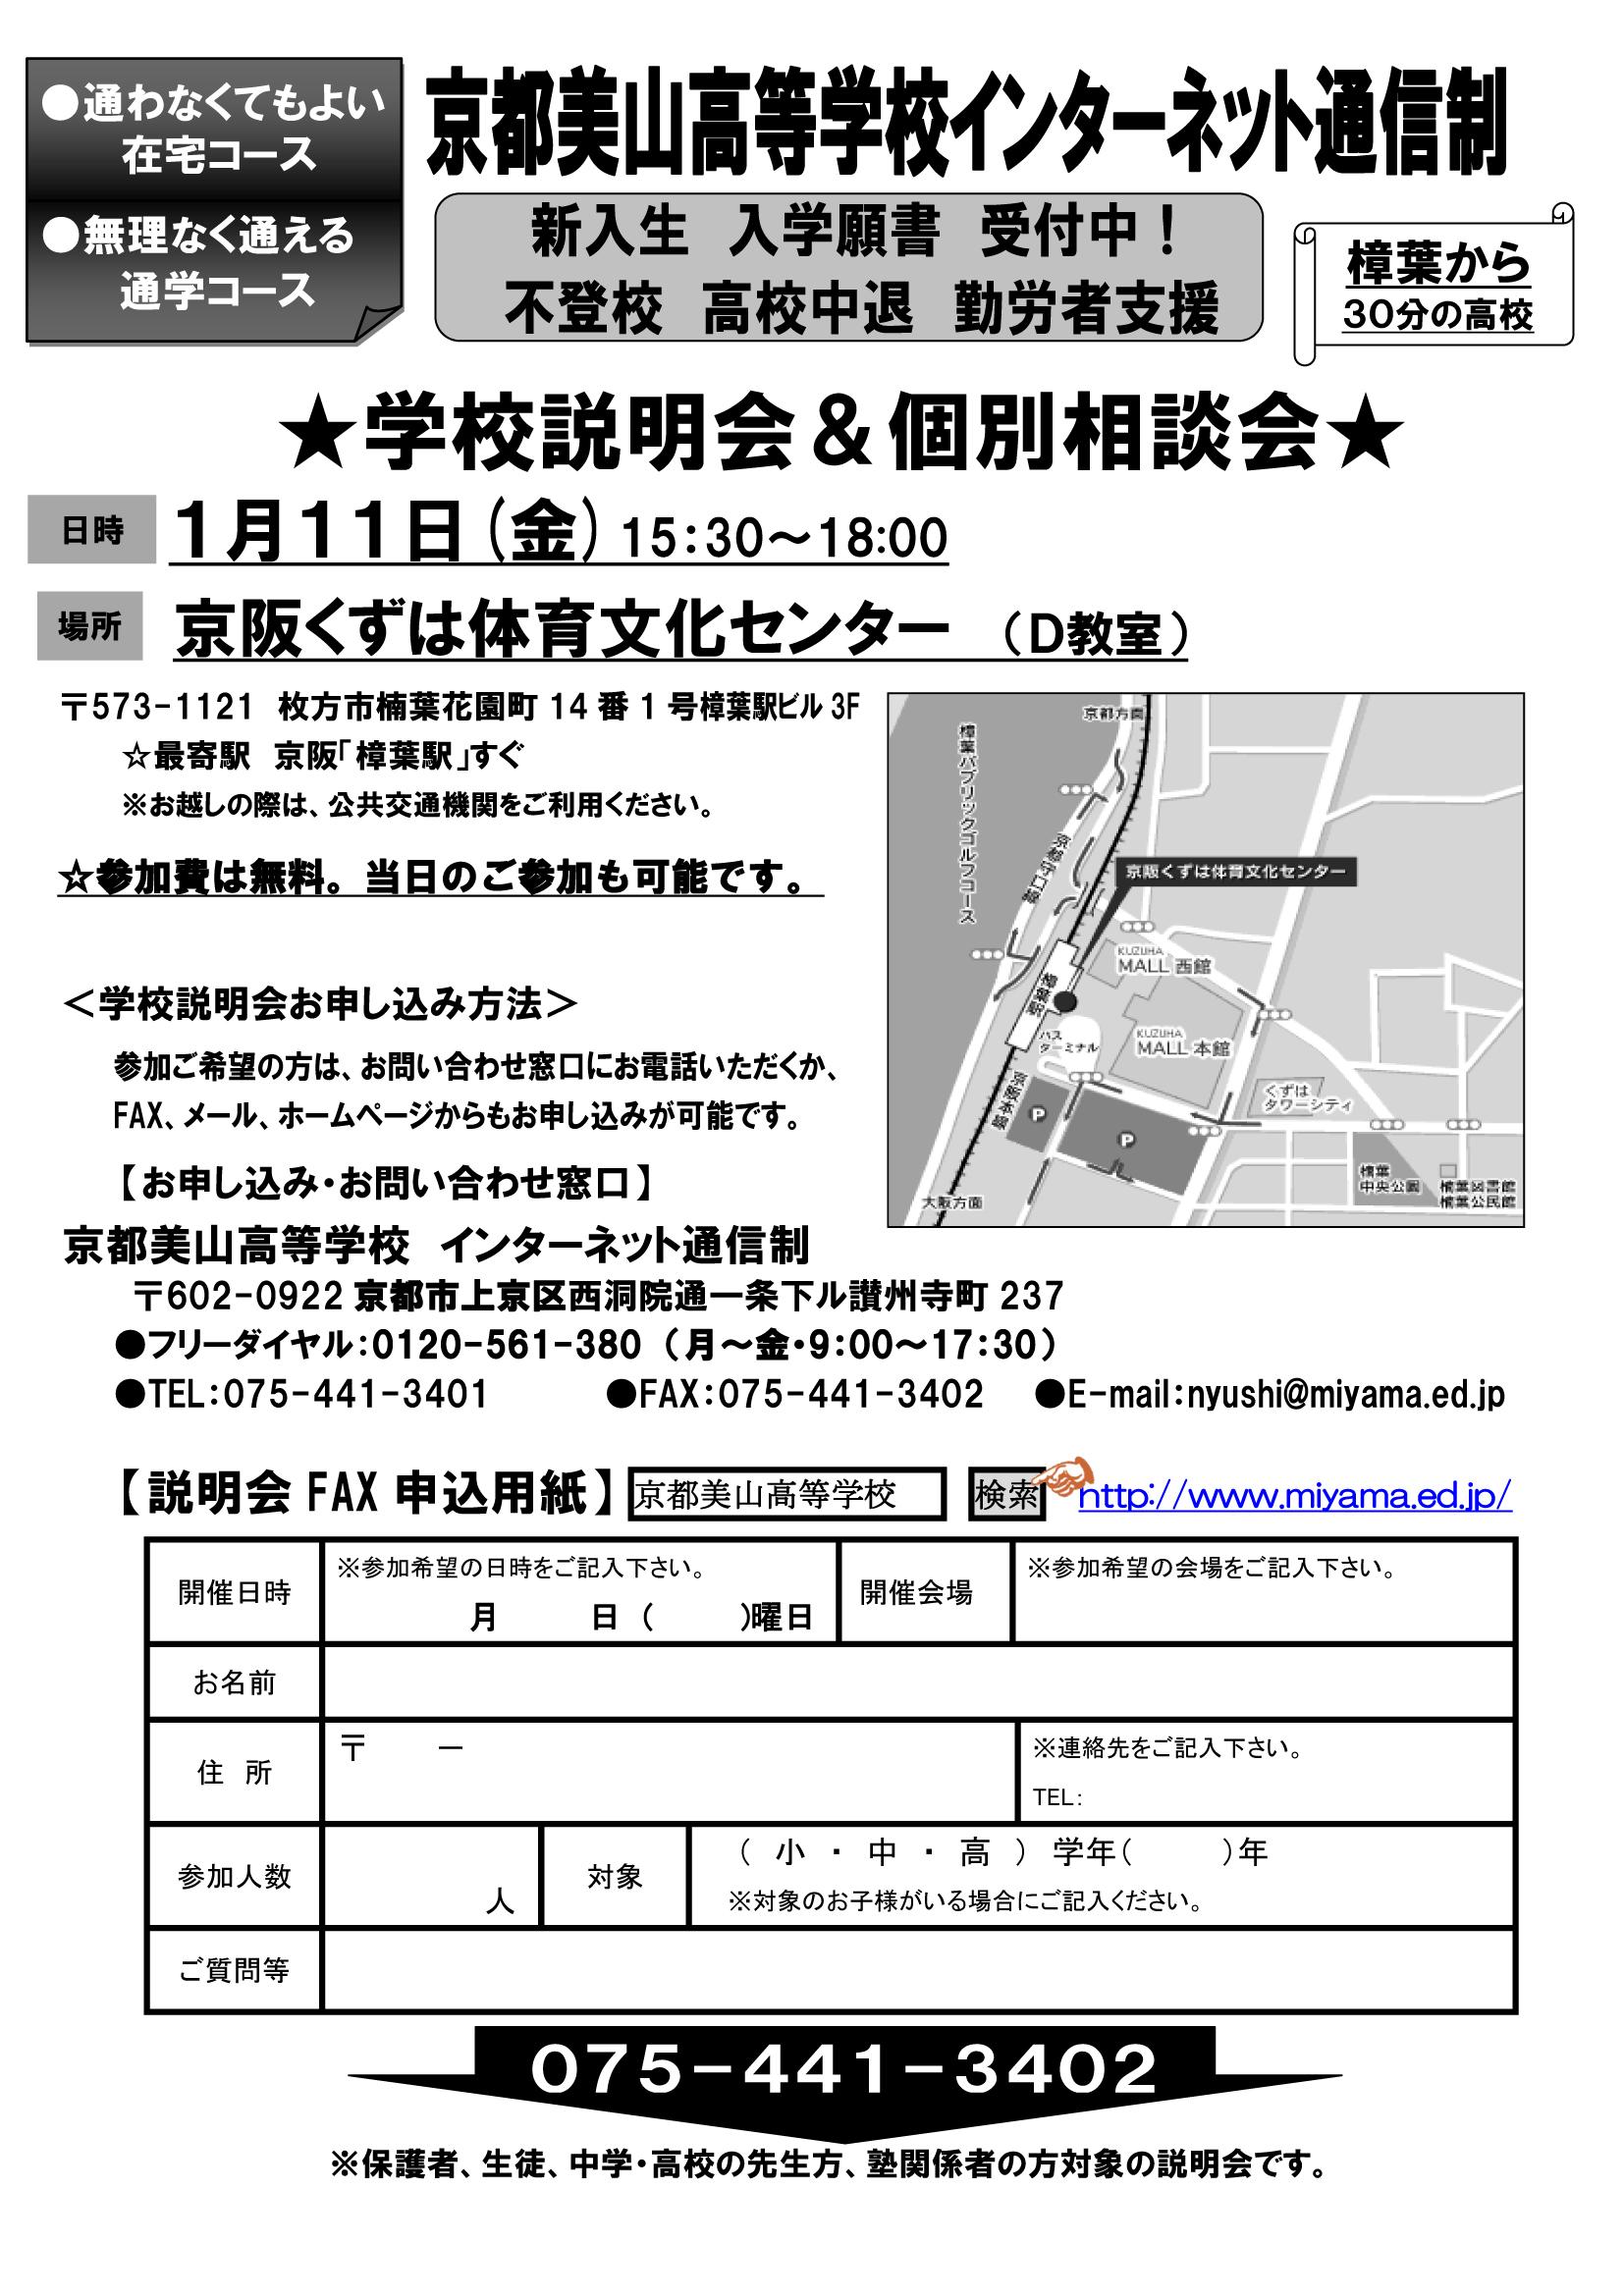 京都 大阪 通信制 高校